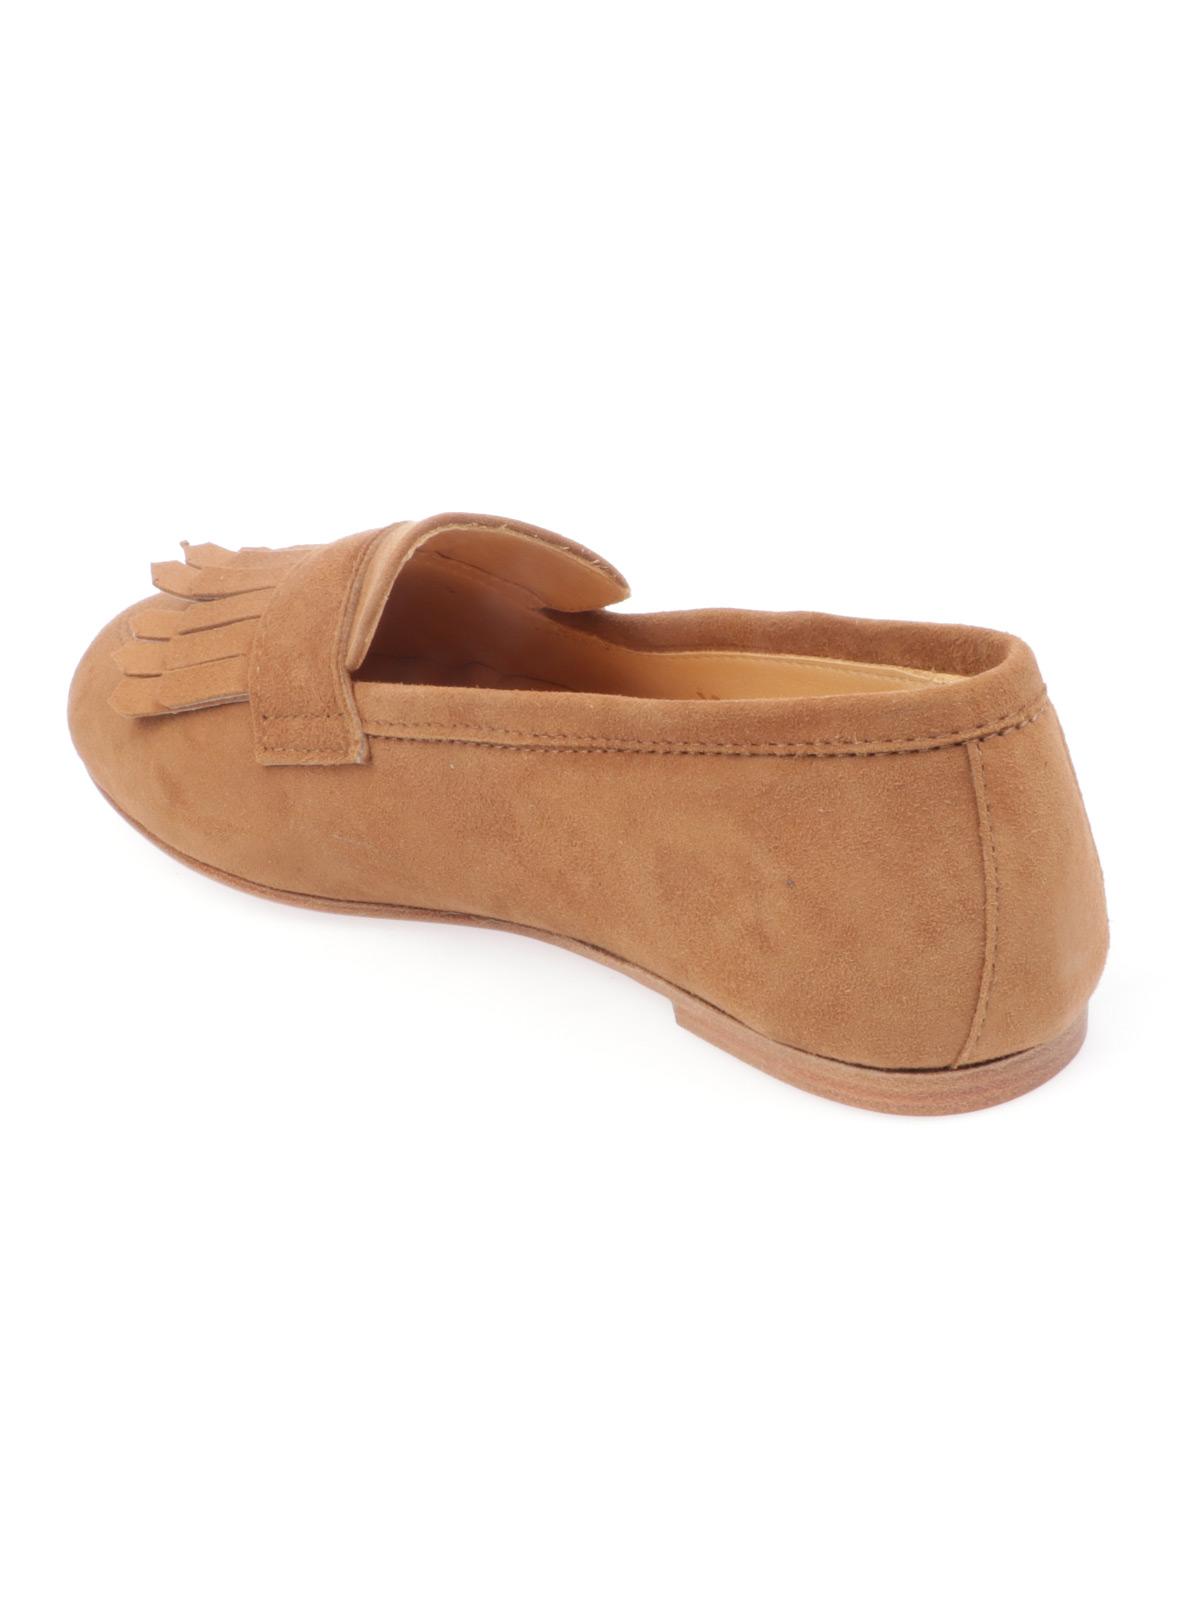 Immagine di Virreina | Footwear Deva